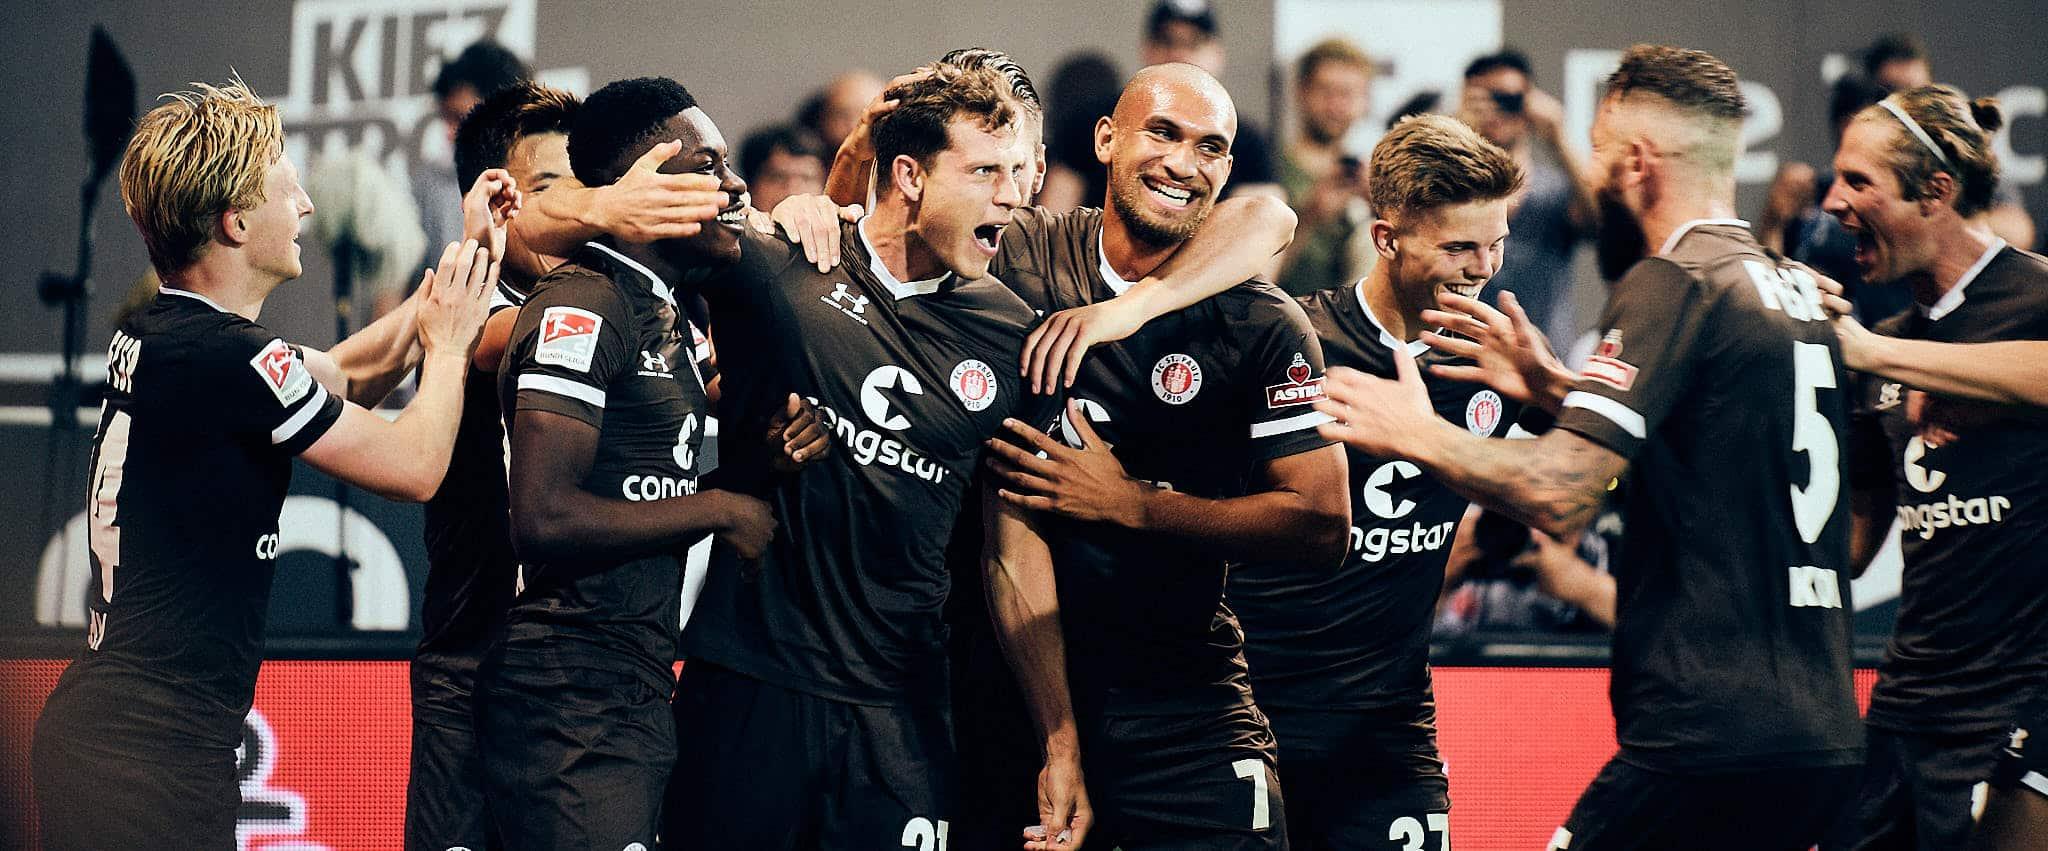 Nach dem Spiel – Holstein Kiel (H) – Spieltag 4 – Saison 2018/2019